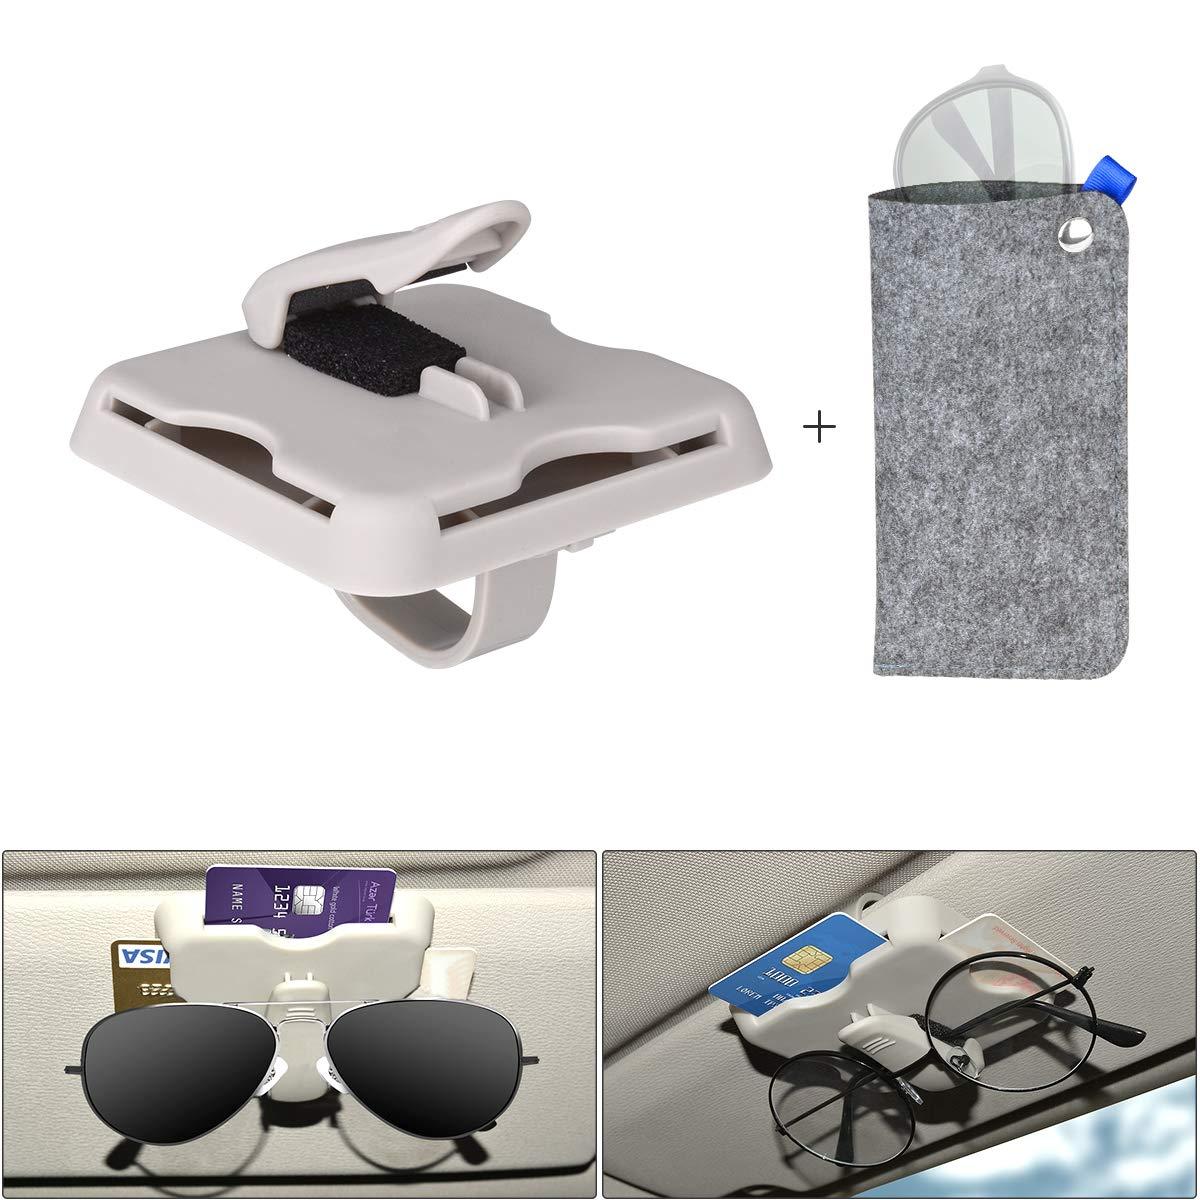 Extremade Brillenhalter Auto,brillenhalterung Auto,Brillenbox, magnetischer Brillenhalter,brillenablage fü rs Auto, Brillen ablage:Brillen Halter Auto fü r Karte Ausweis Mü nze XCG-1813DE-T1